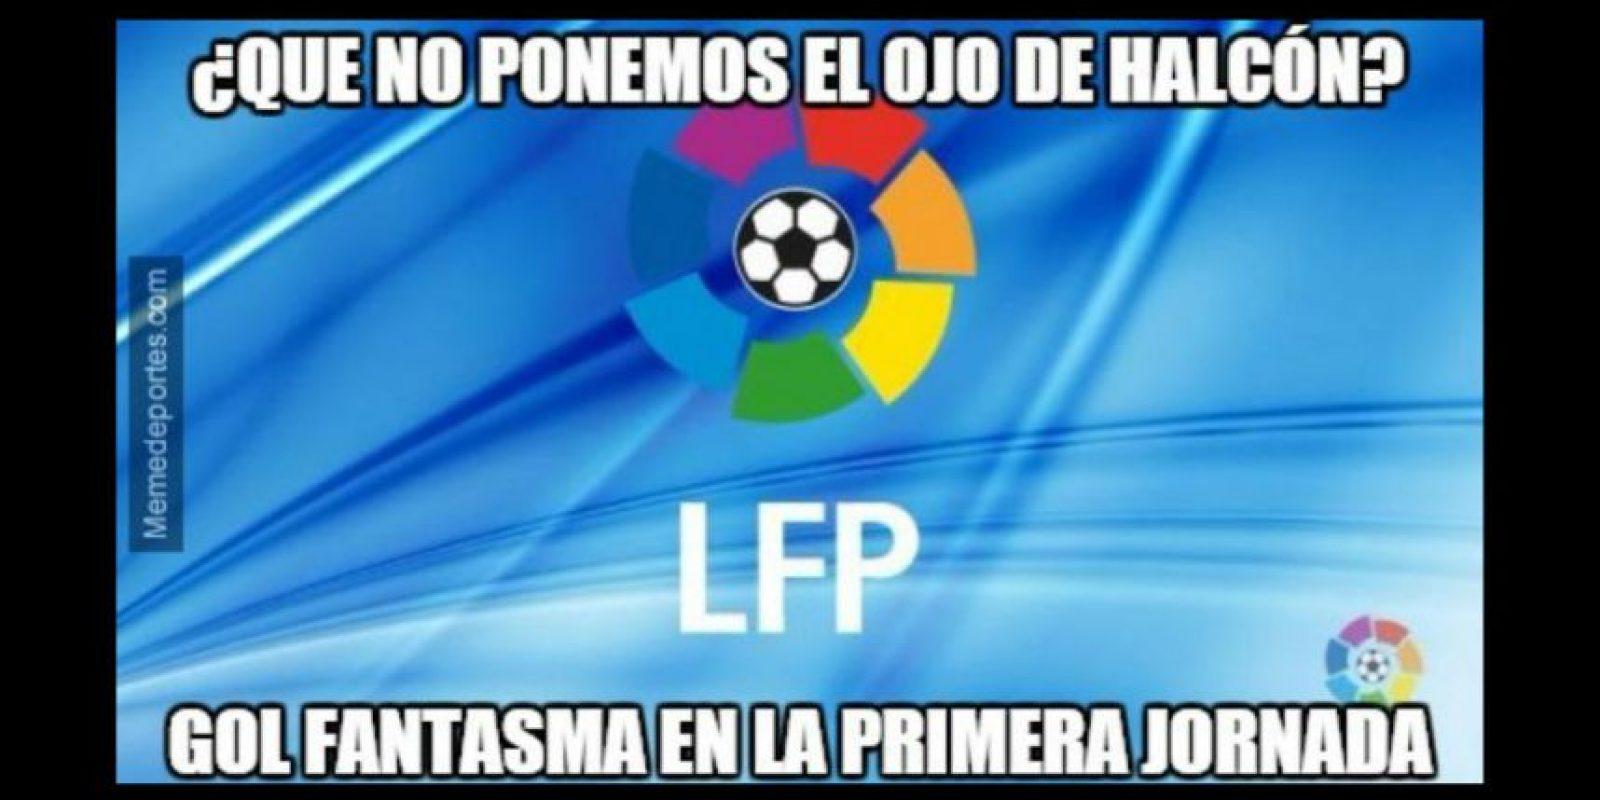 Aunque hubo polémica por un gol que no fue marcado. Foto:memedeportes.com